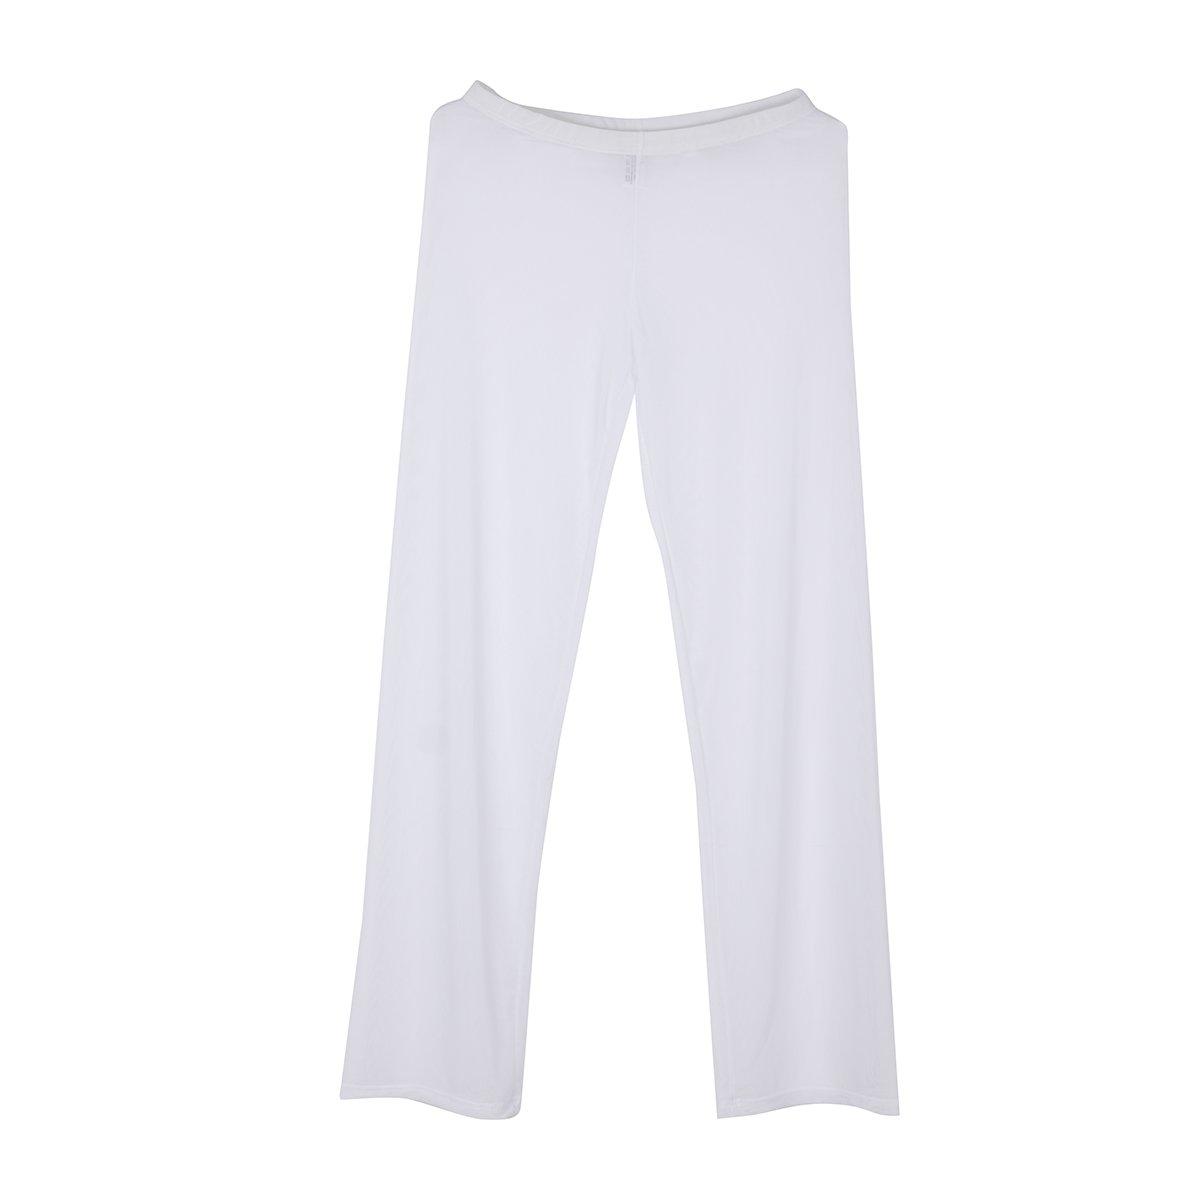 iixpin Homme Pantalon Vêtement de Sport Demi Transparent Lingerie de Nuit Bas de Pyjama Lâche Fitness Sexy Yoga Pyjamas de Pantalon Bar Pub sous-vêtement Taille S-XL